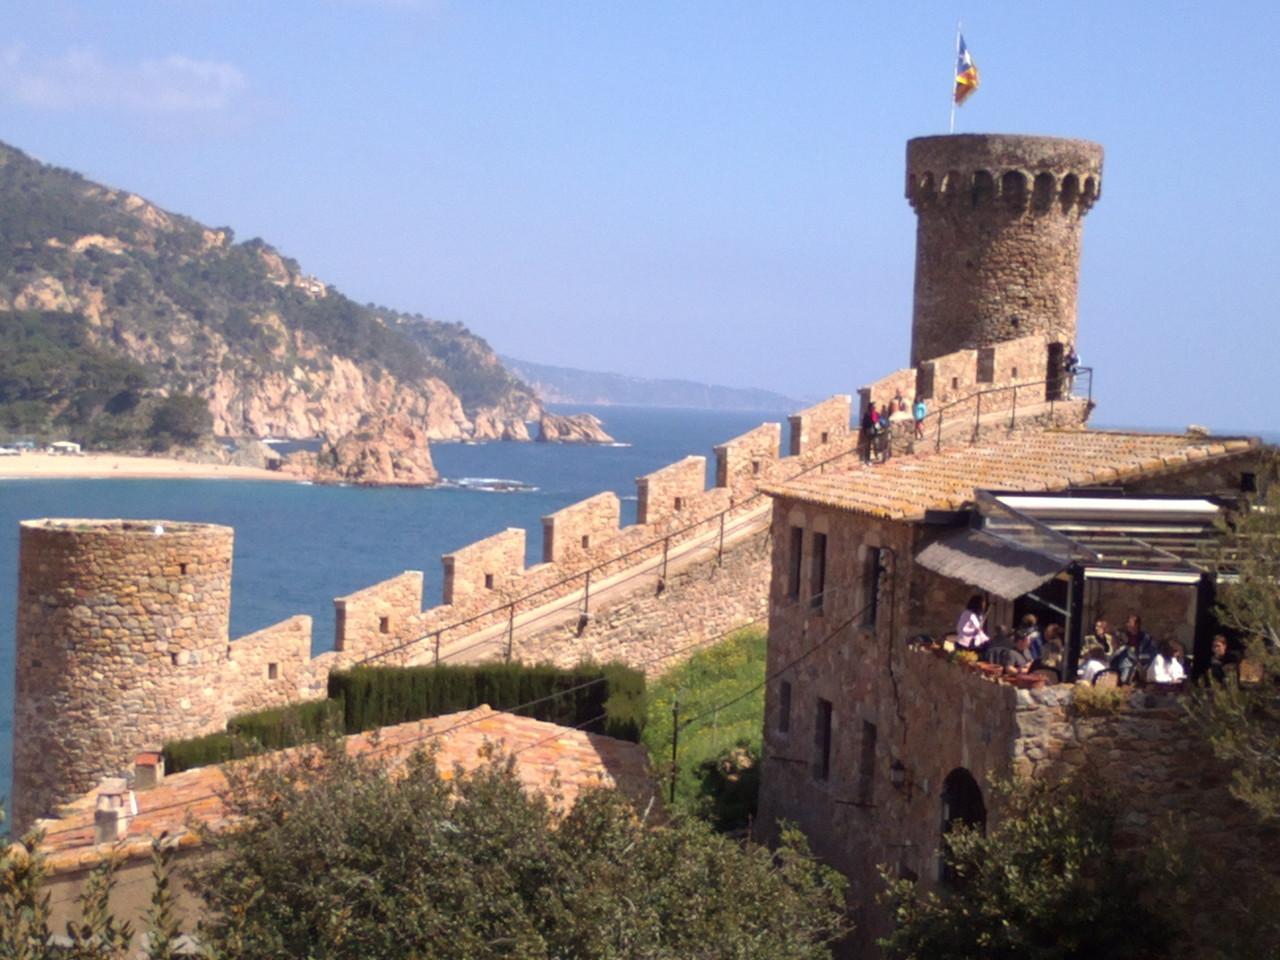 Belles vues depuis le château de Tossa